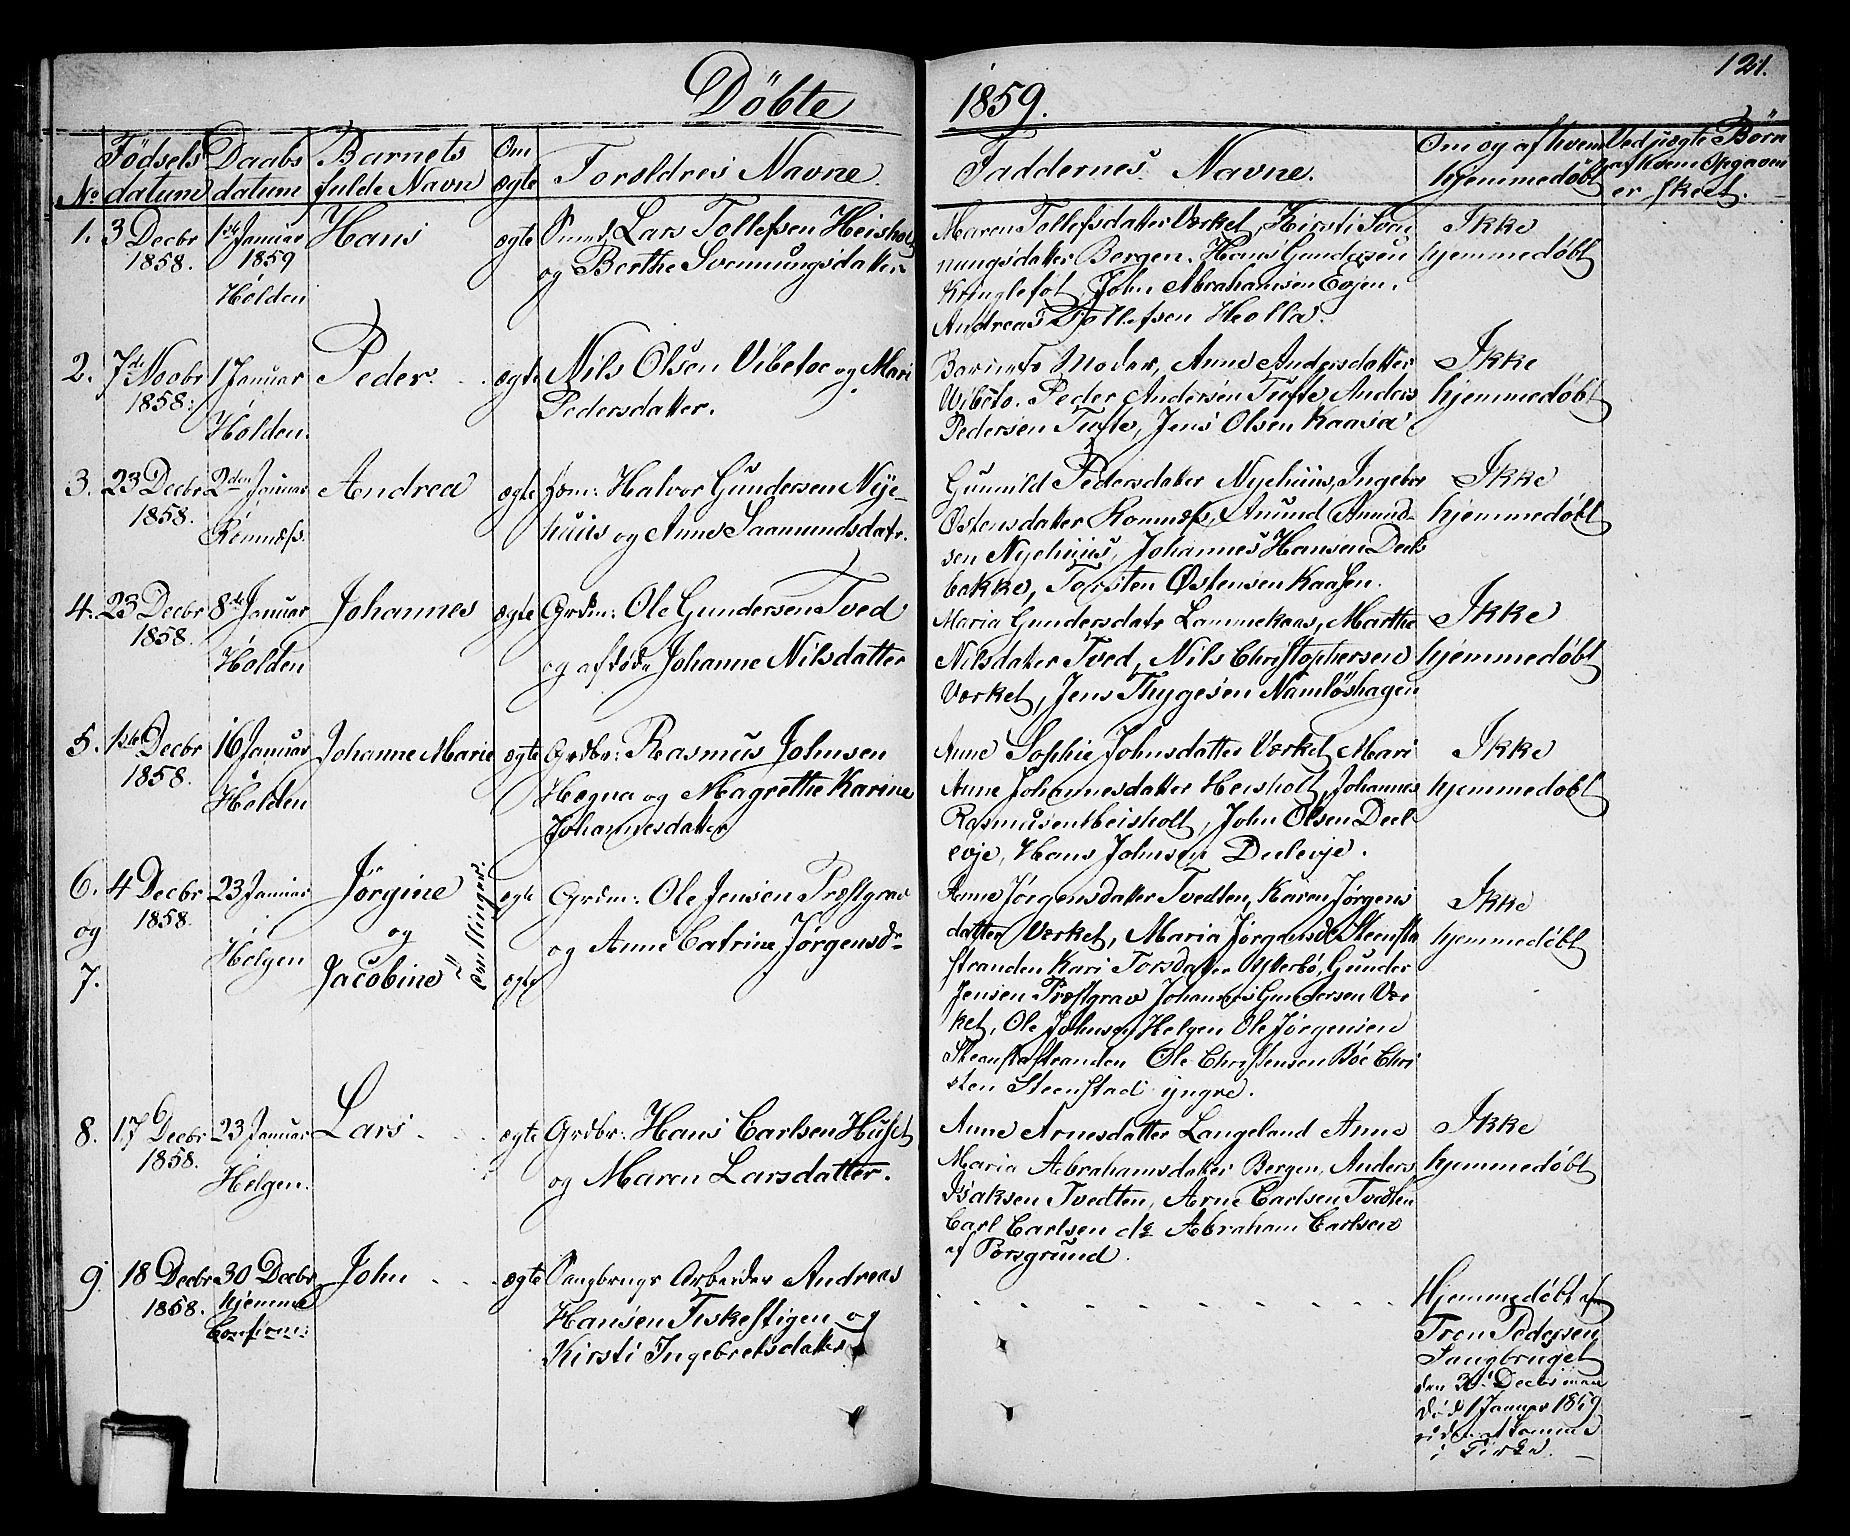 SAKO, Holla kirkebøker, G/Ga/L0003: Klokkerbok nr. I 3, 1849-1866, s. 121